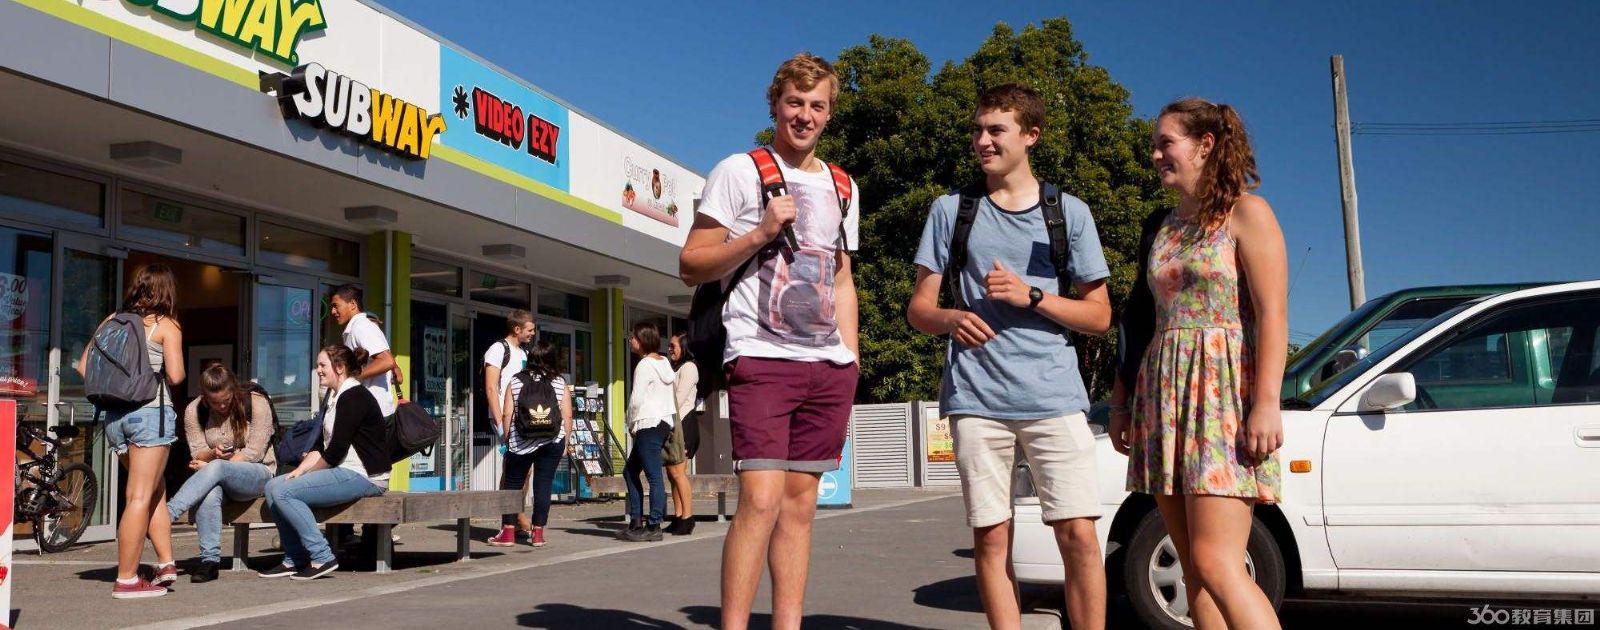 新西兰大学,林肯大学,林肯大学研究生,林肯大学硕士,新西兰留学